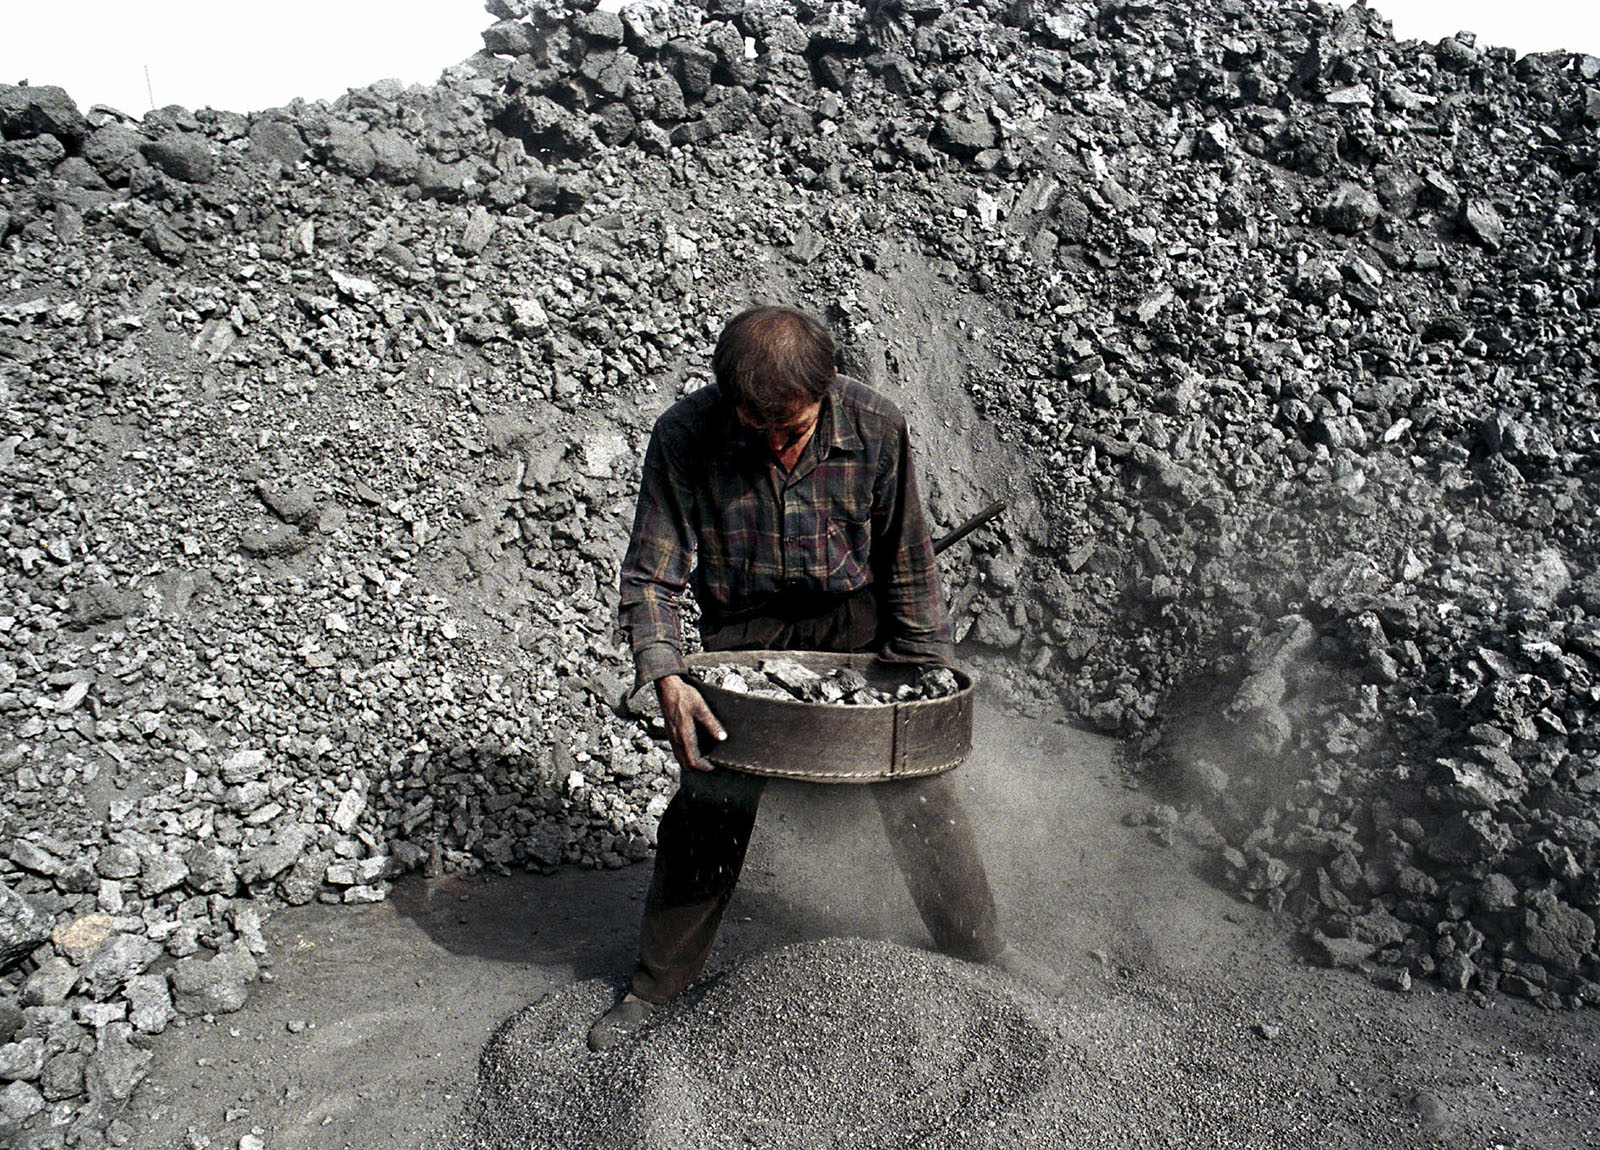 Coal sorting, Xinjiang China